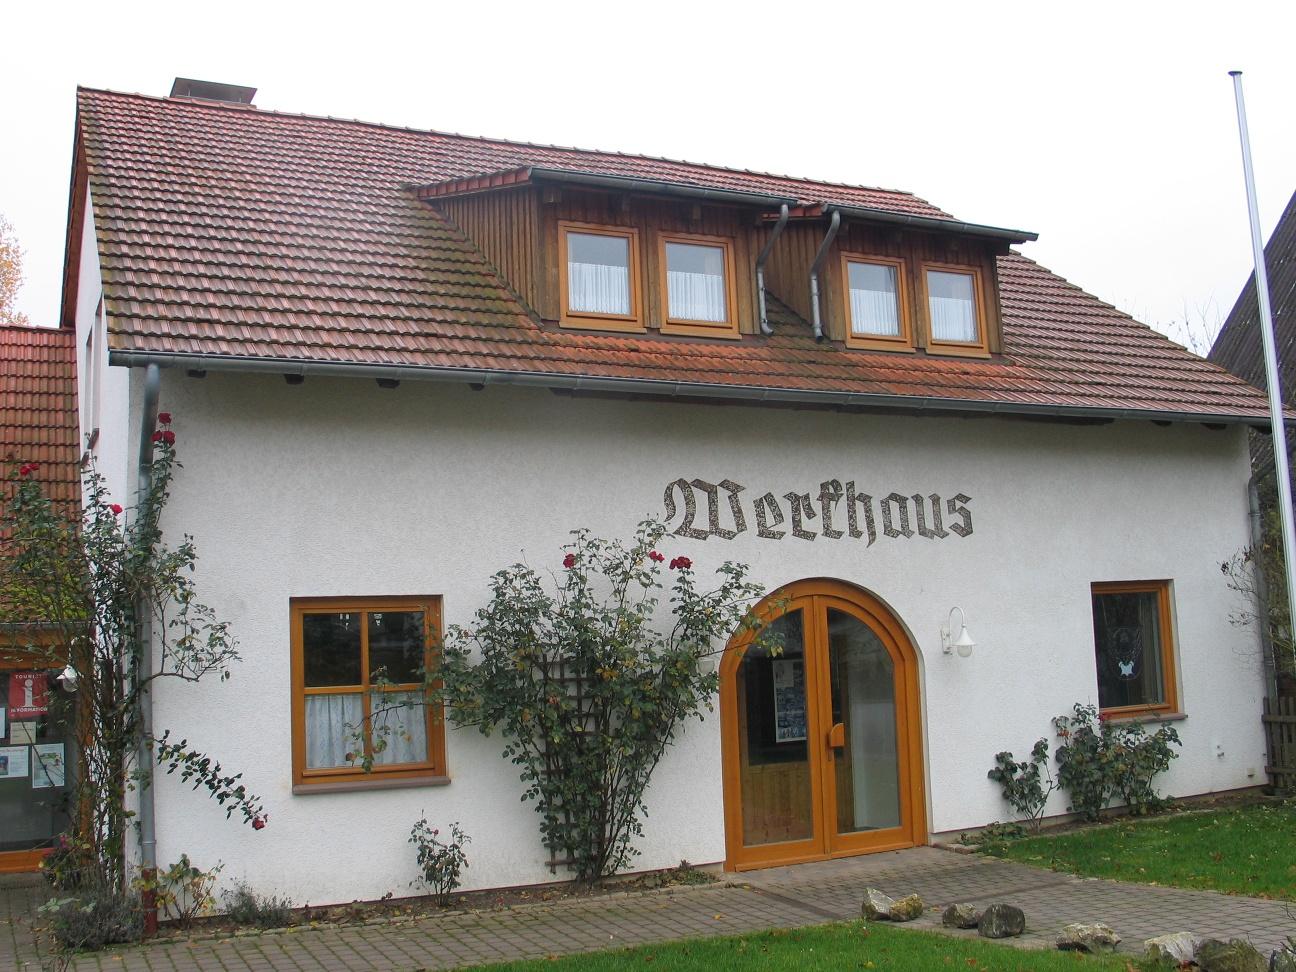 Werkhaus in Bellersen